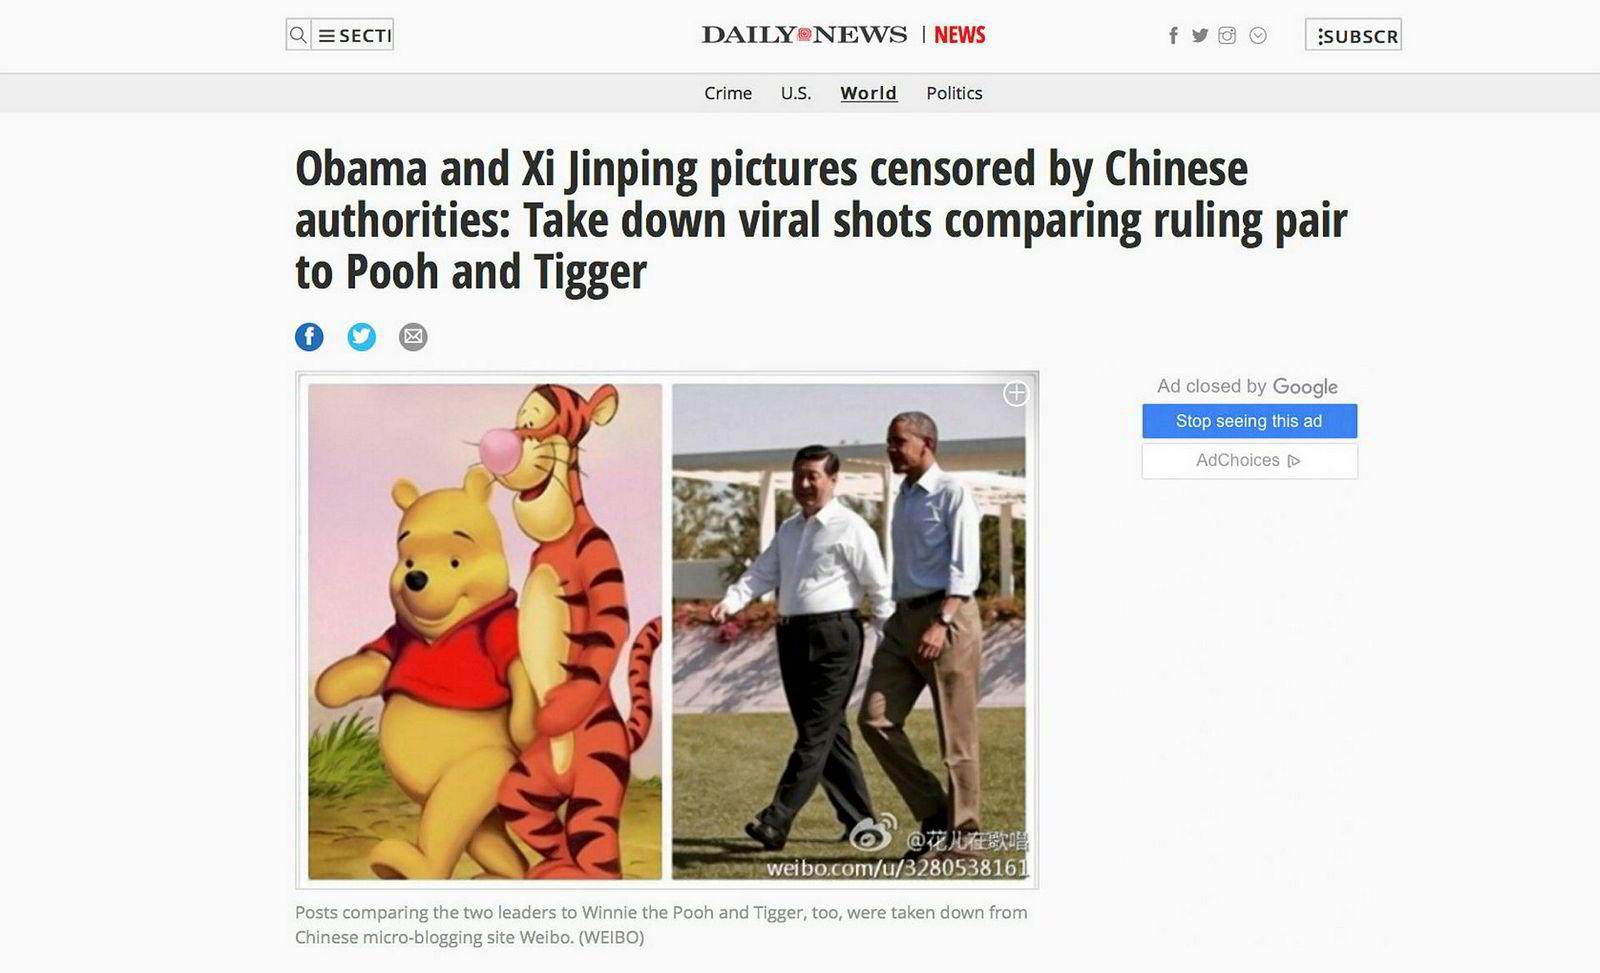 Slike bilder, der Kinas president Xi Jinping sammenliknes med Ole Brumm, forsøkes sensureres i Kina. Her fra en artikkel i Daily News.